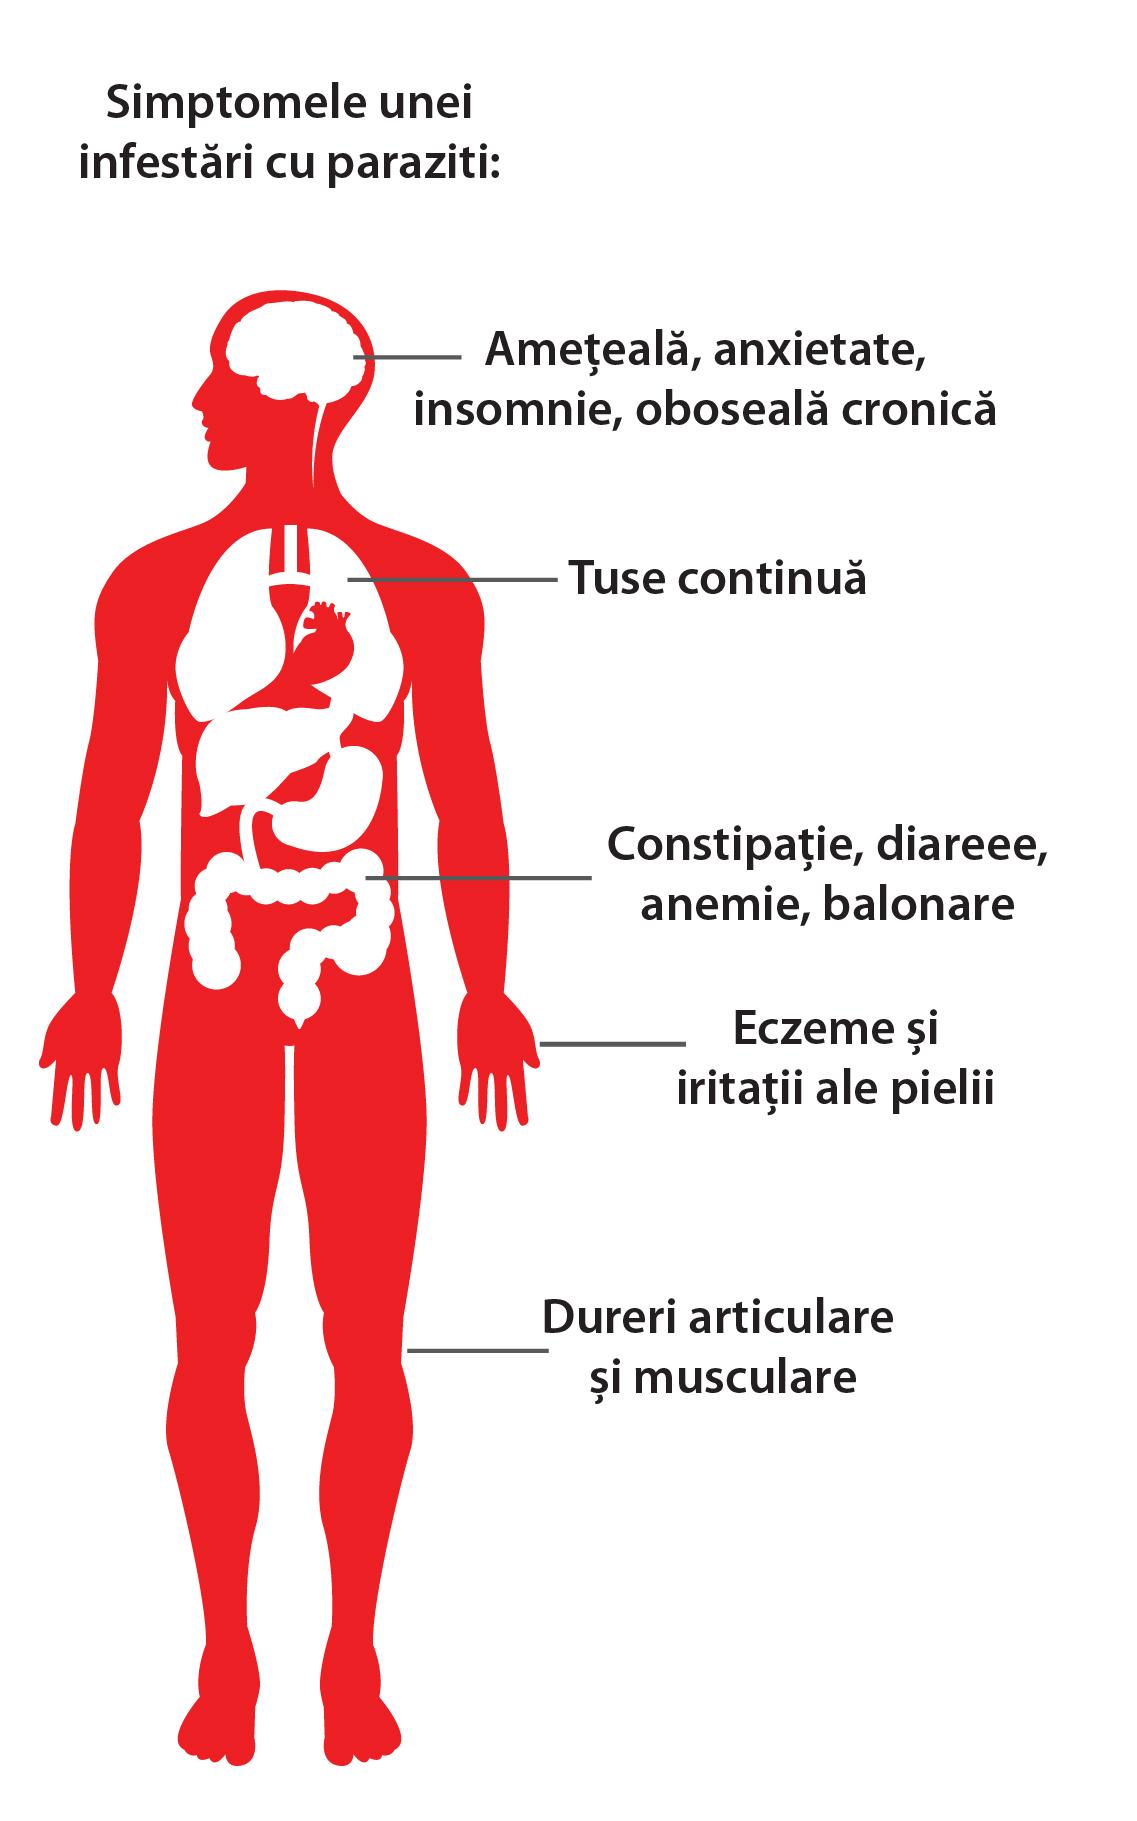 cancerul de uter simptome